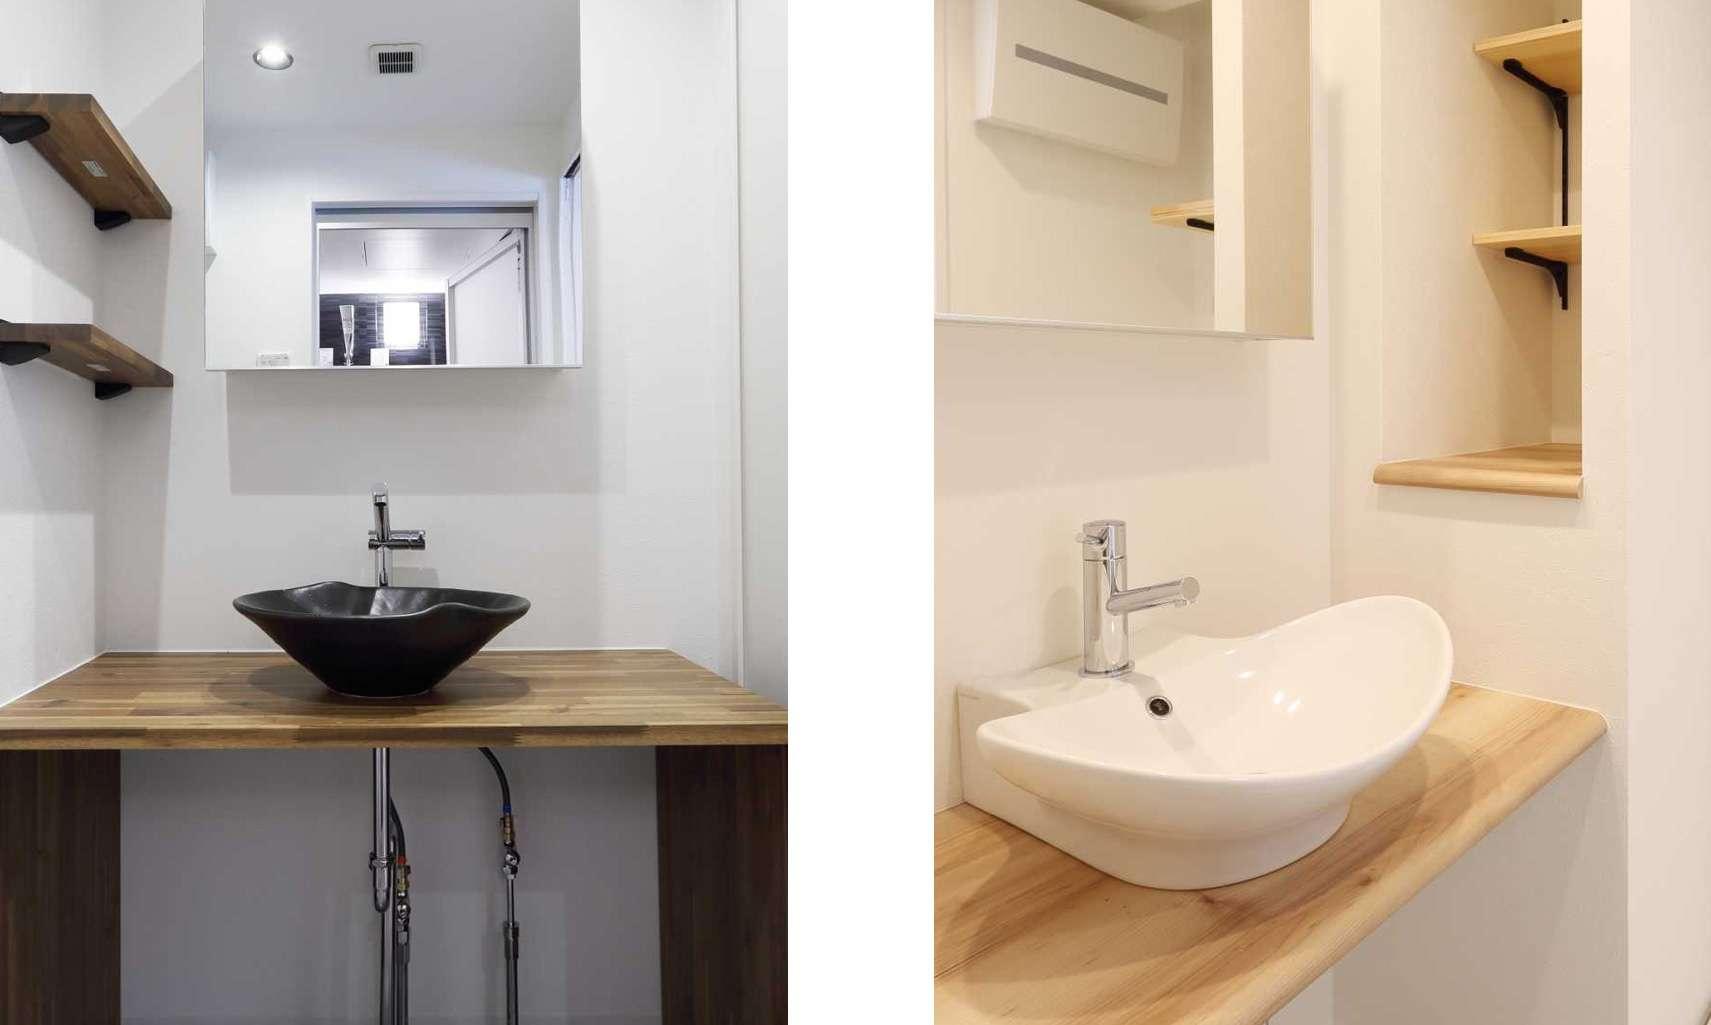 三面鏡じゃない洗面所がリノベーションっぽい!おしゃれな洗面所特集 画像